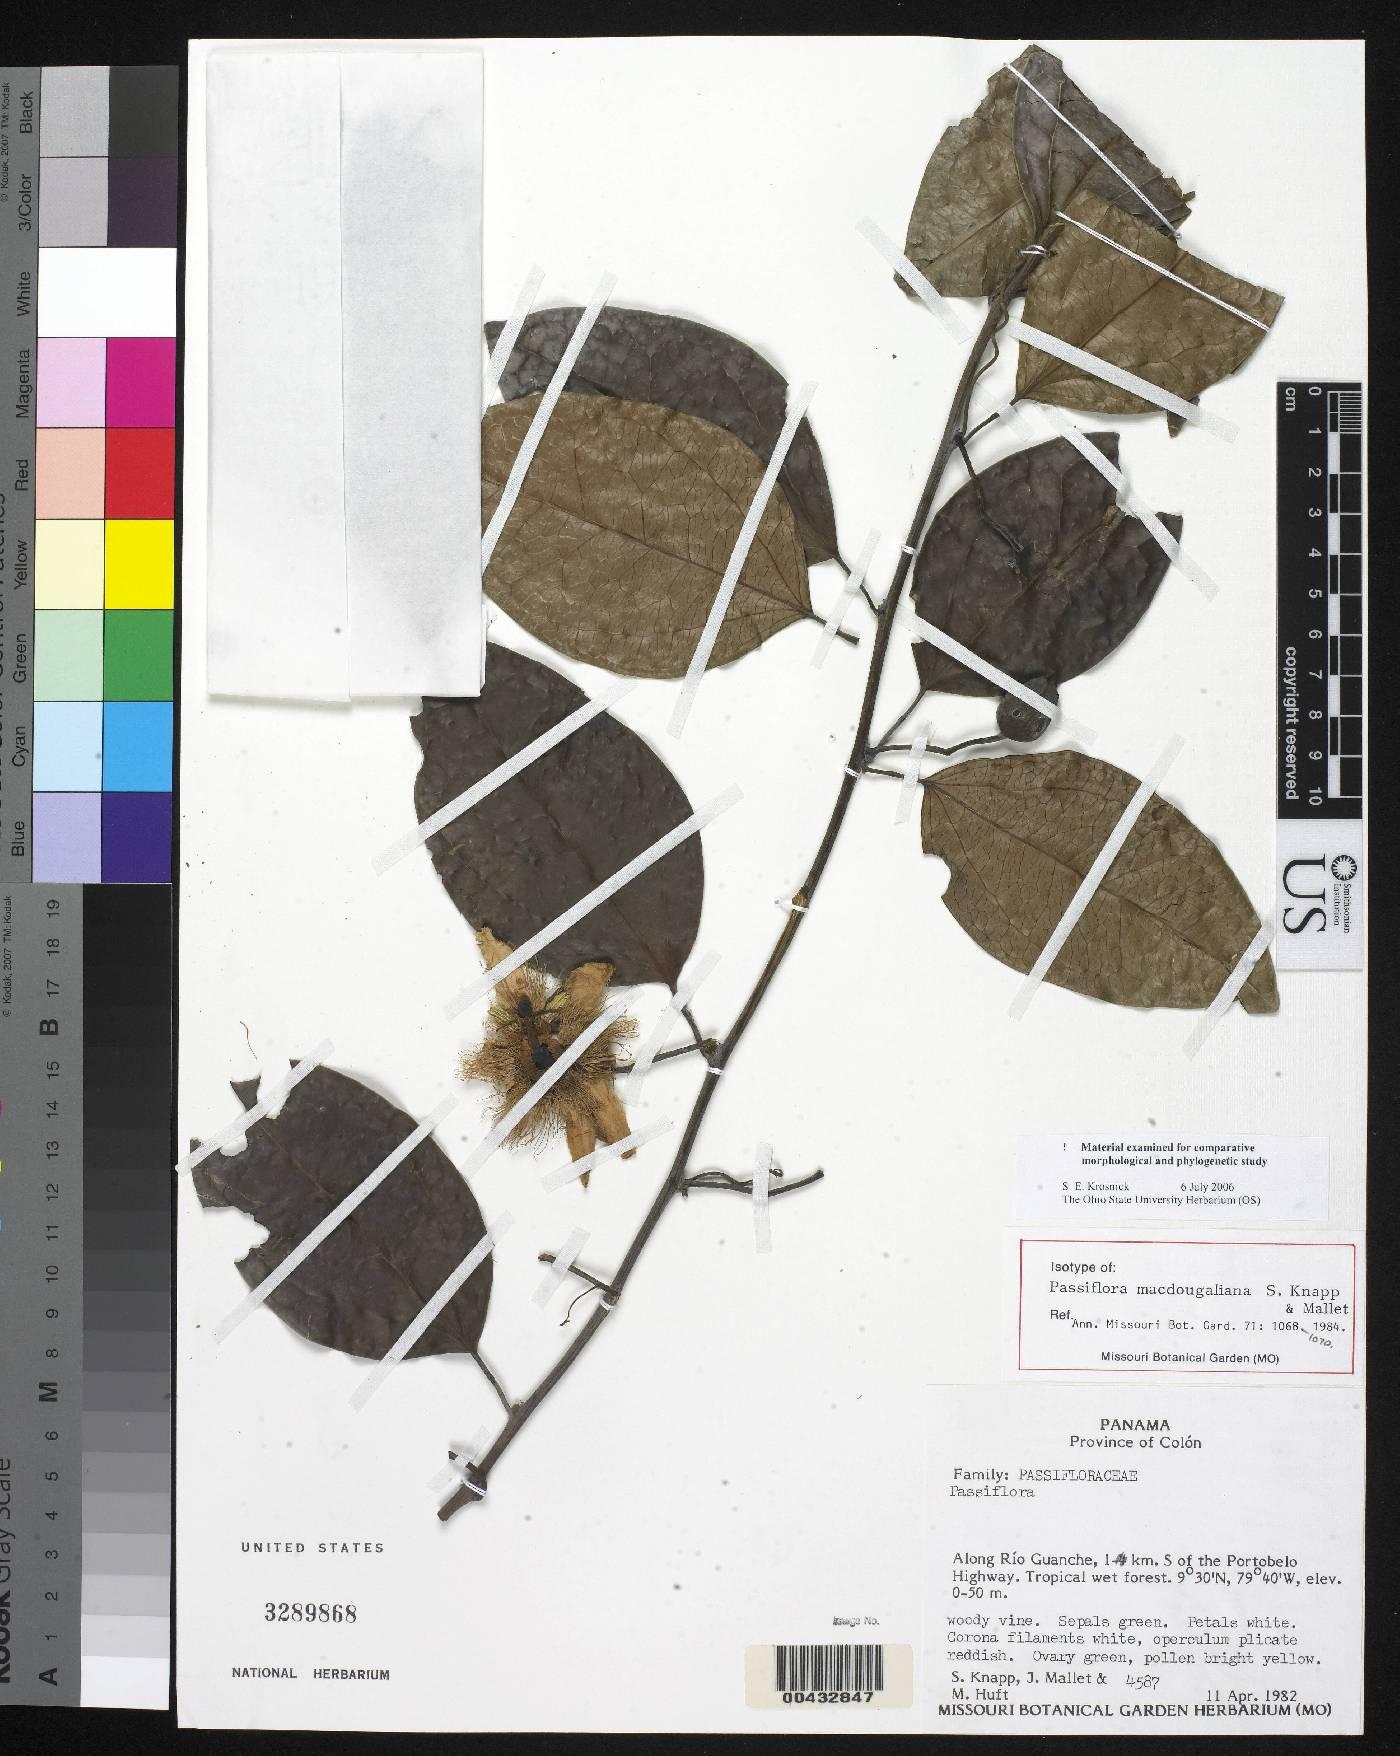 Passiflora macdougaliana image